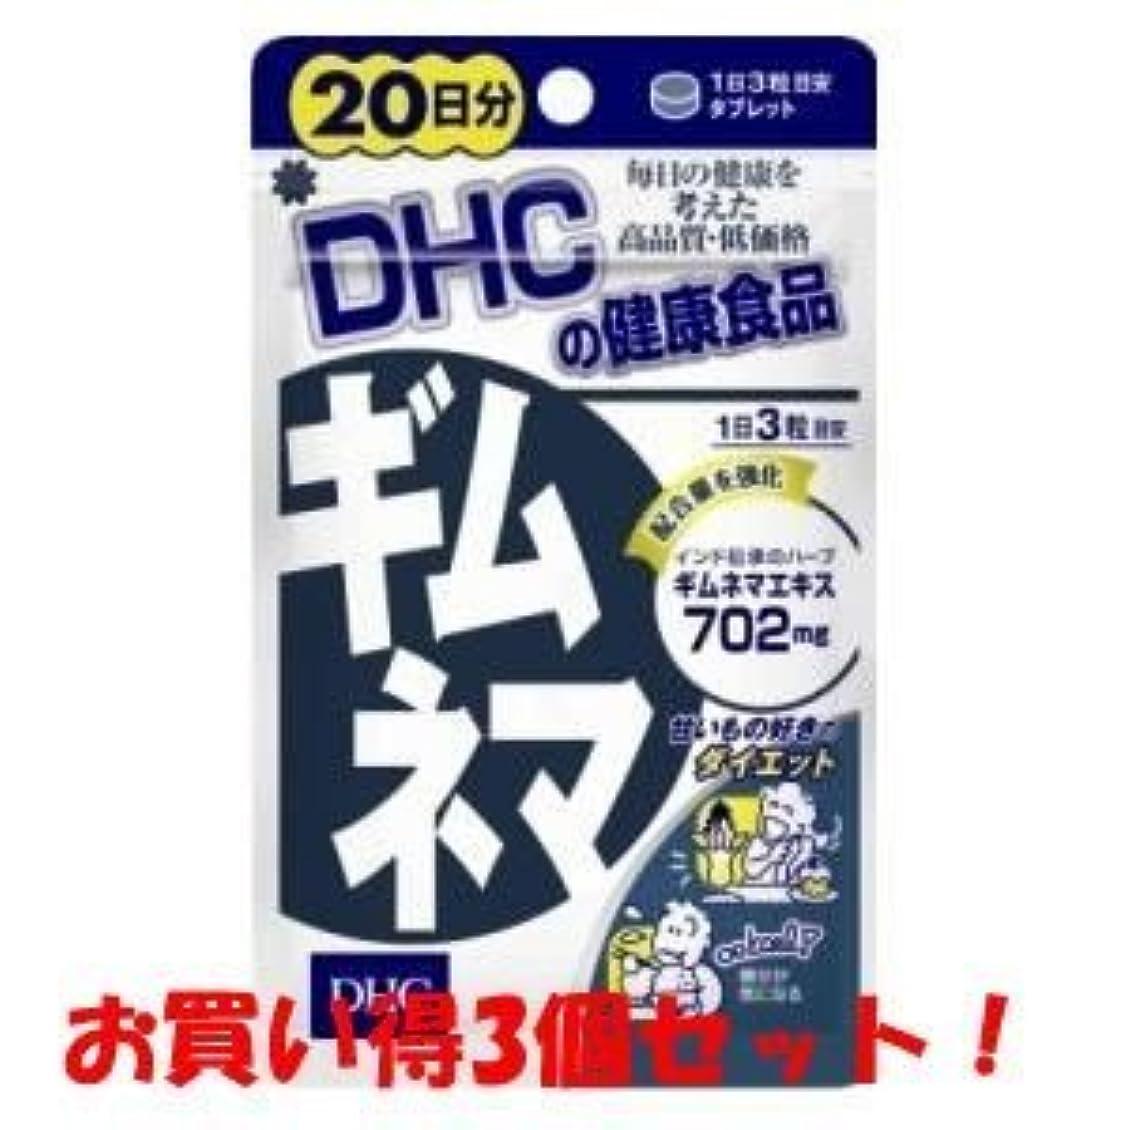 ほのかリス役職DHC ギムネマ 20日分 60粒(お買い得3個セット)